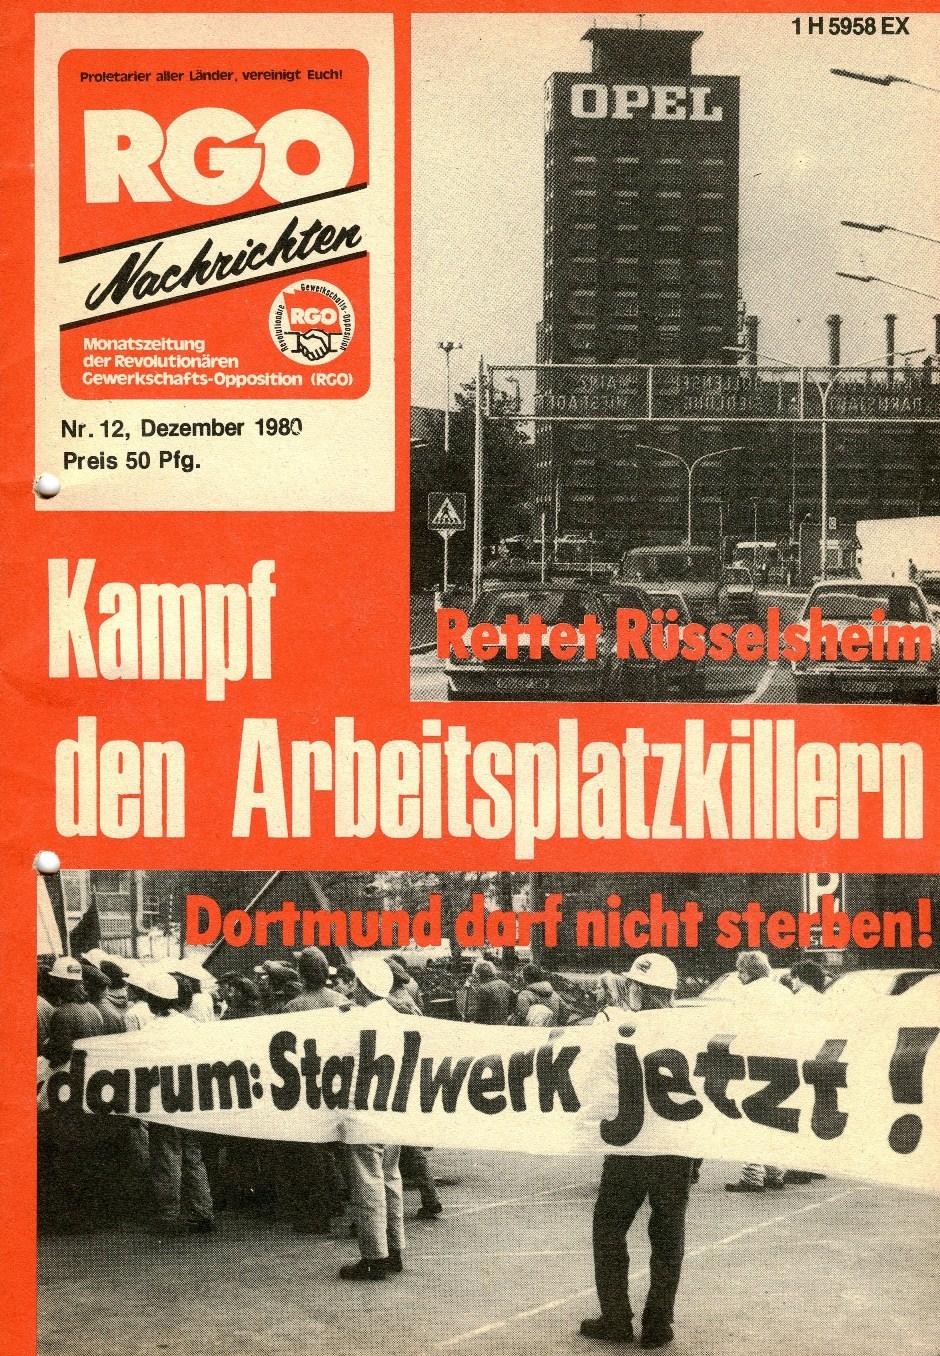 RGO_RGO_Nachrichten_1980_12_01